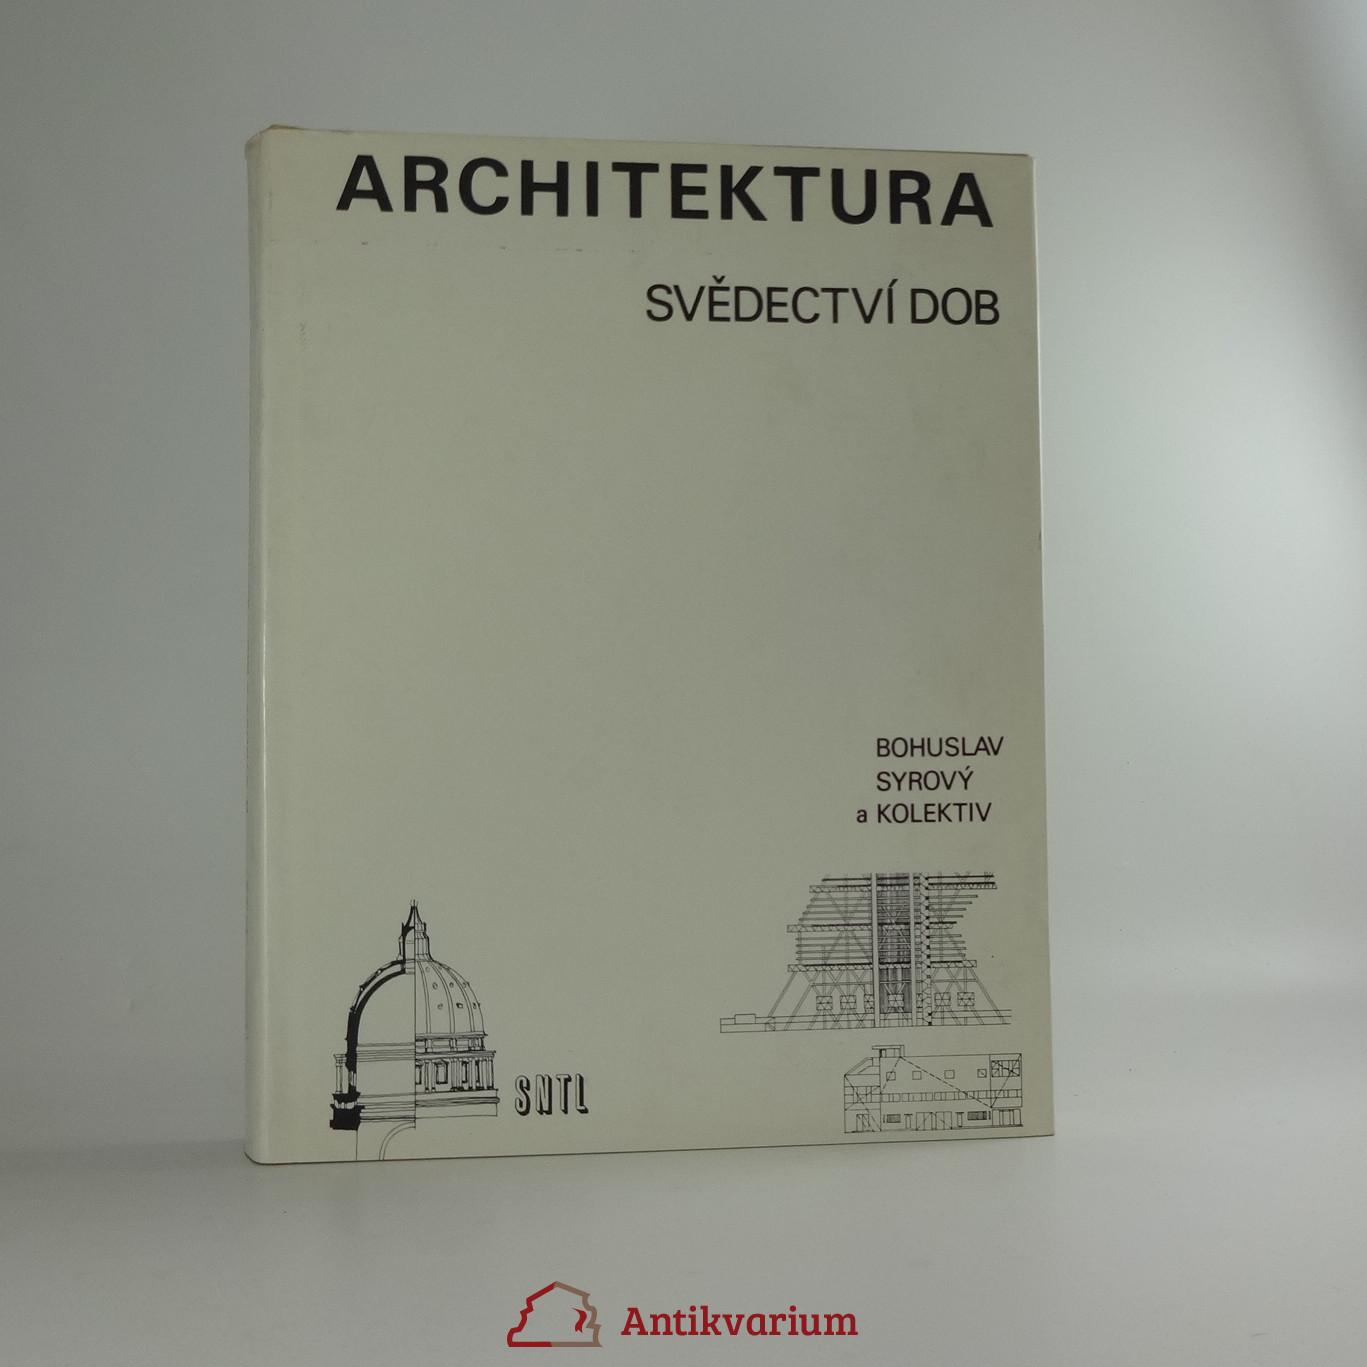 Architektura Svedectvi Dob